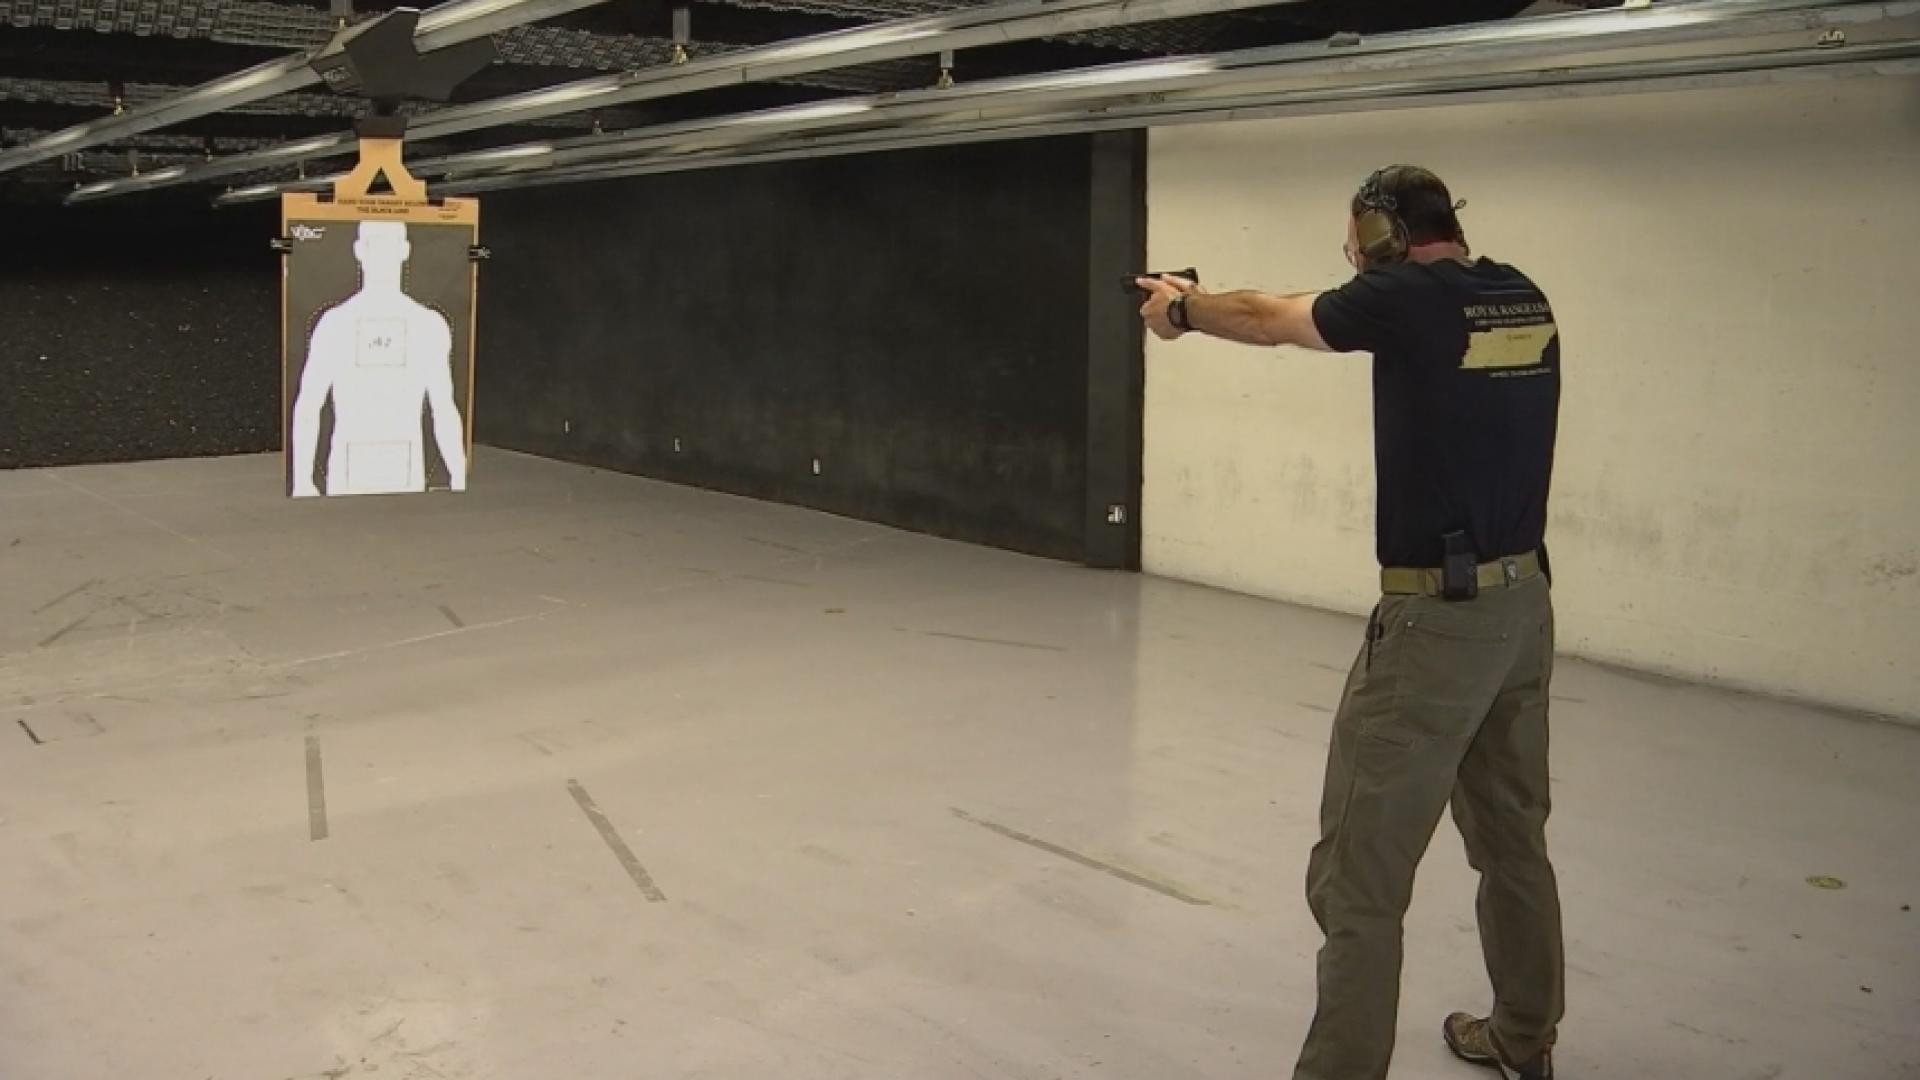 Tennessee offering online gun permit | NBC4 WCMH-TV